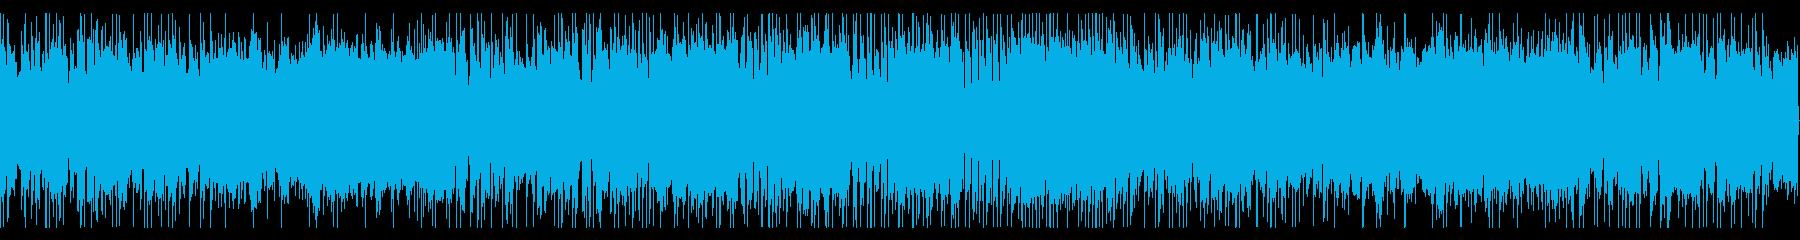 パンクっぽいギターリフの再生済みの波形